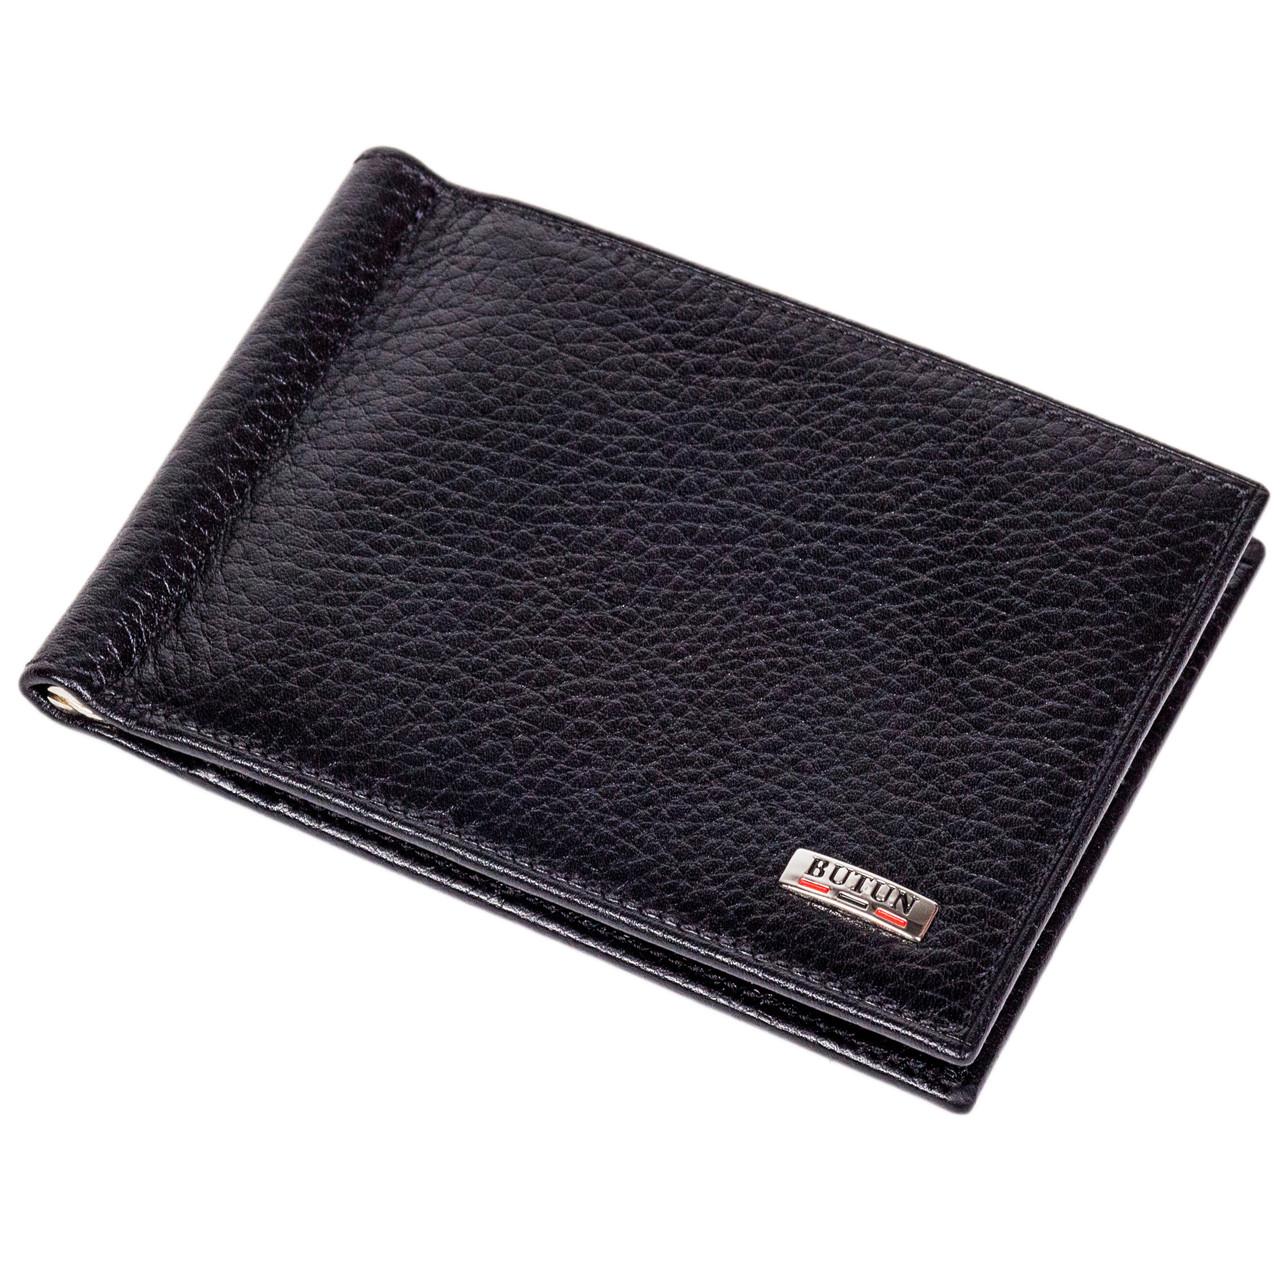 Зажим для денег Butun 250-004-001 кожаный черный